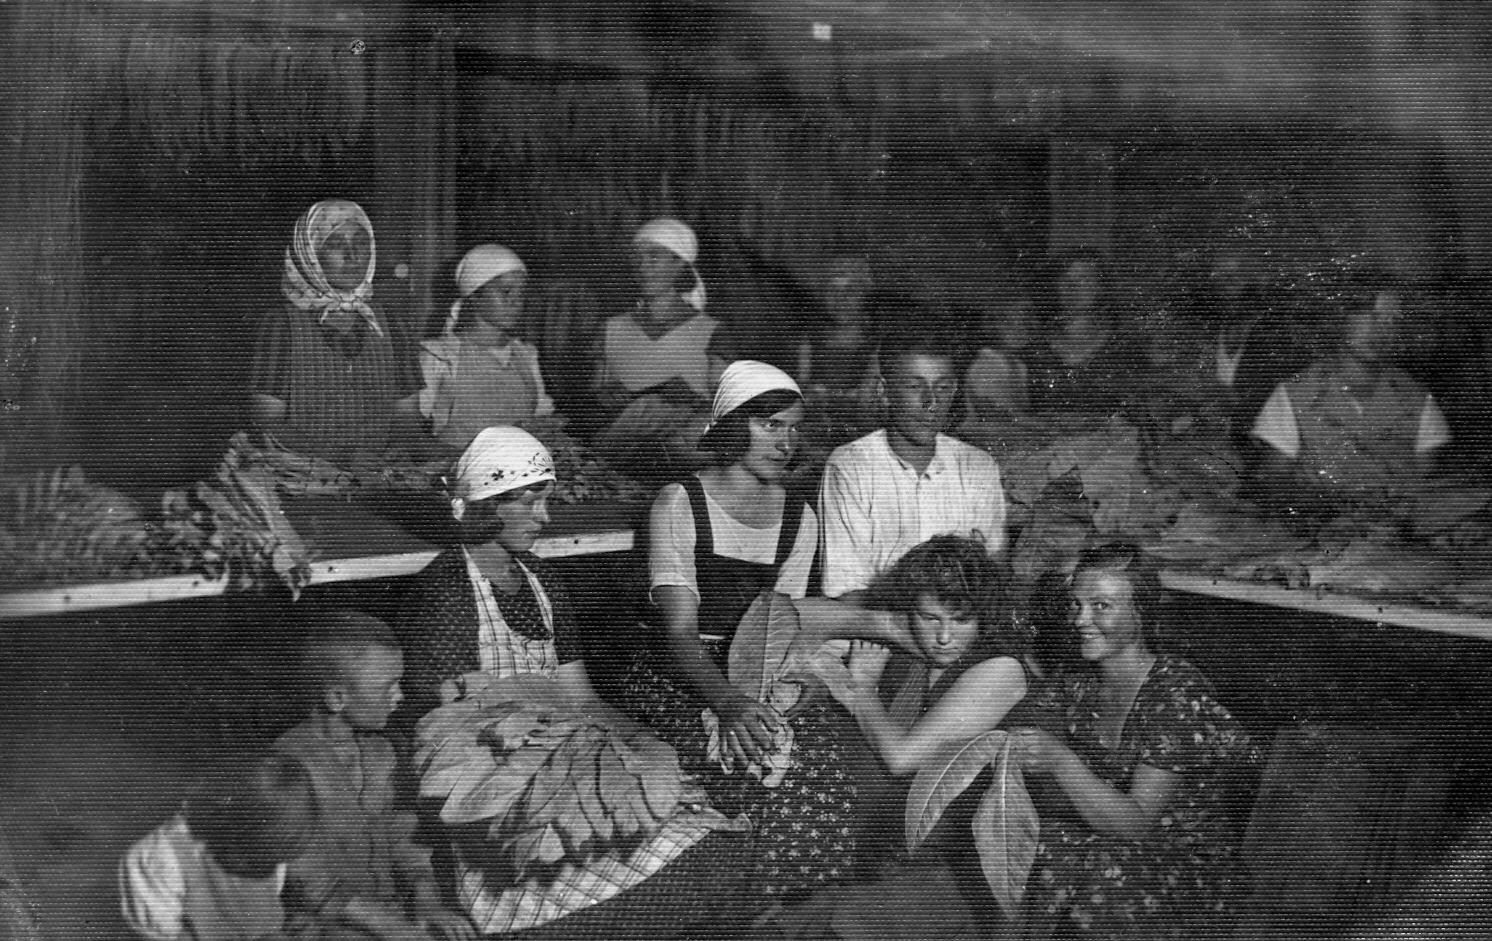 Tabakas lapu apstrādātājas Ārlavā, 1933. g.